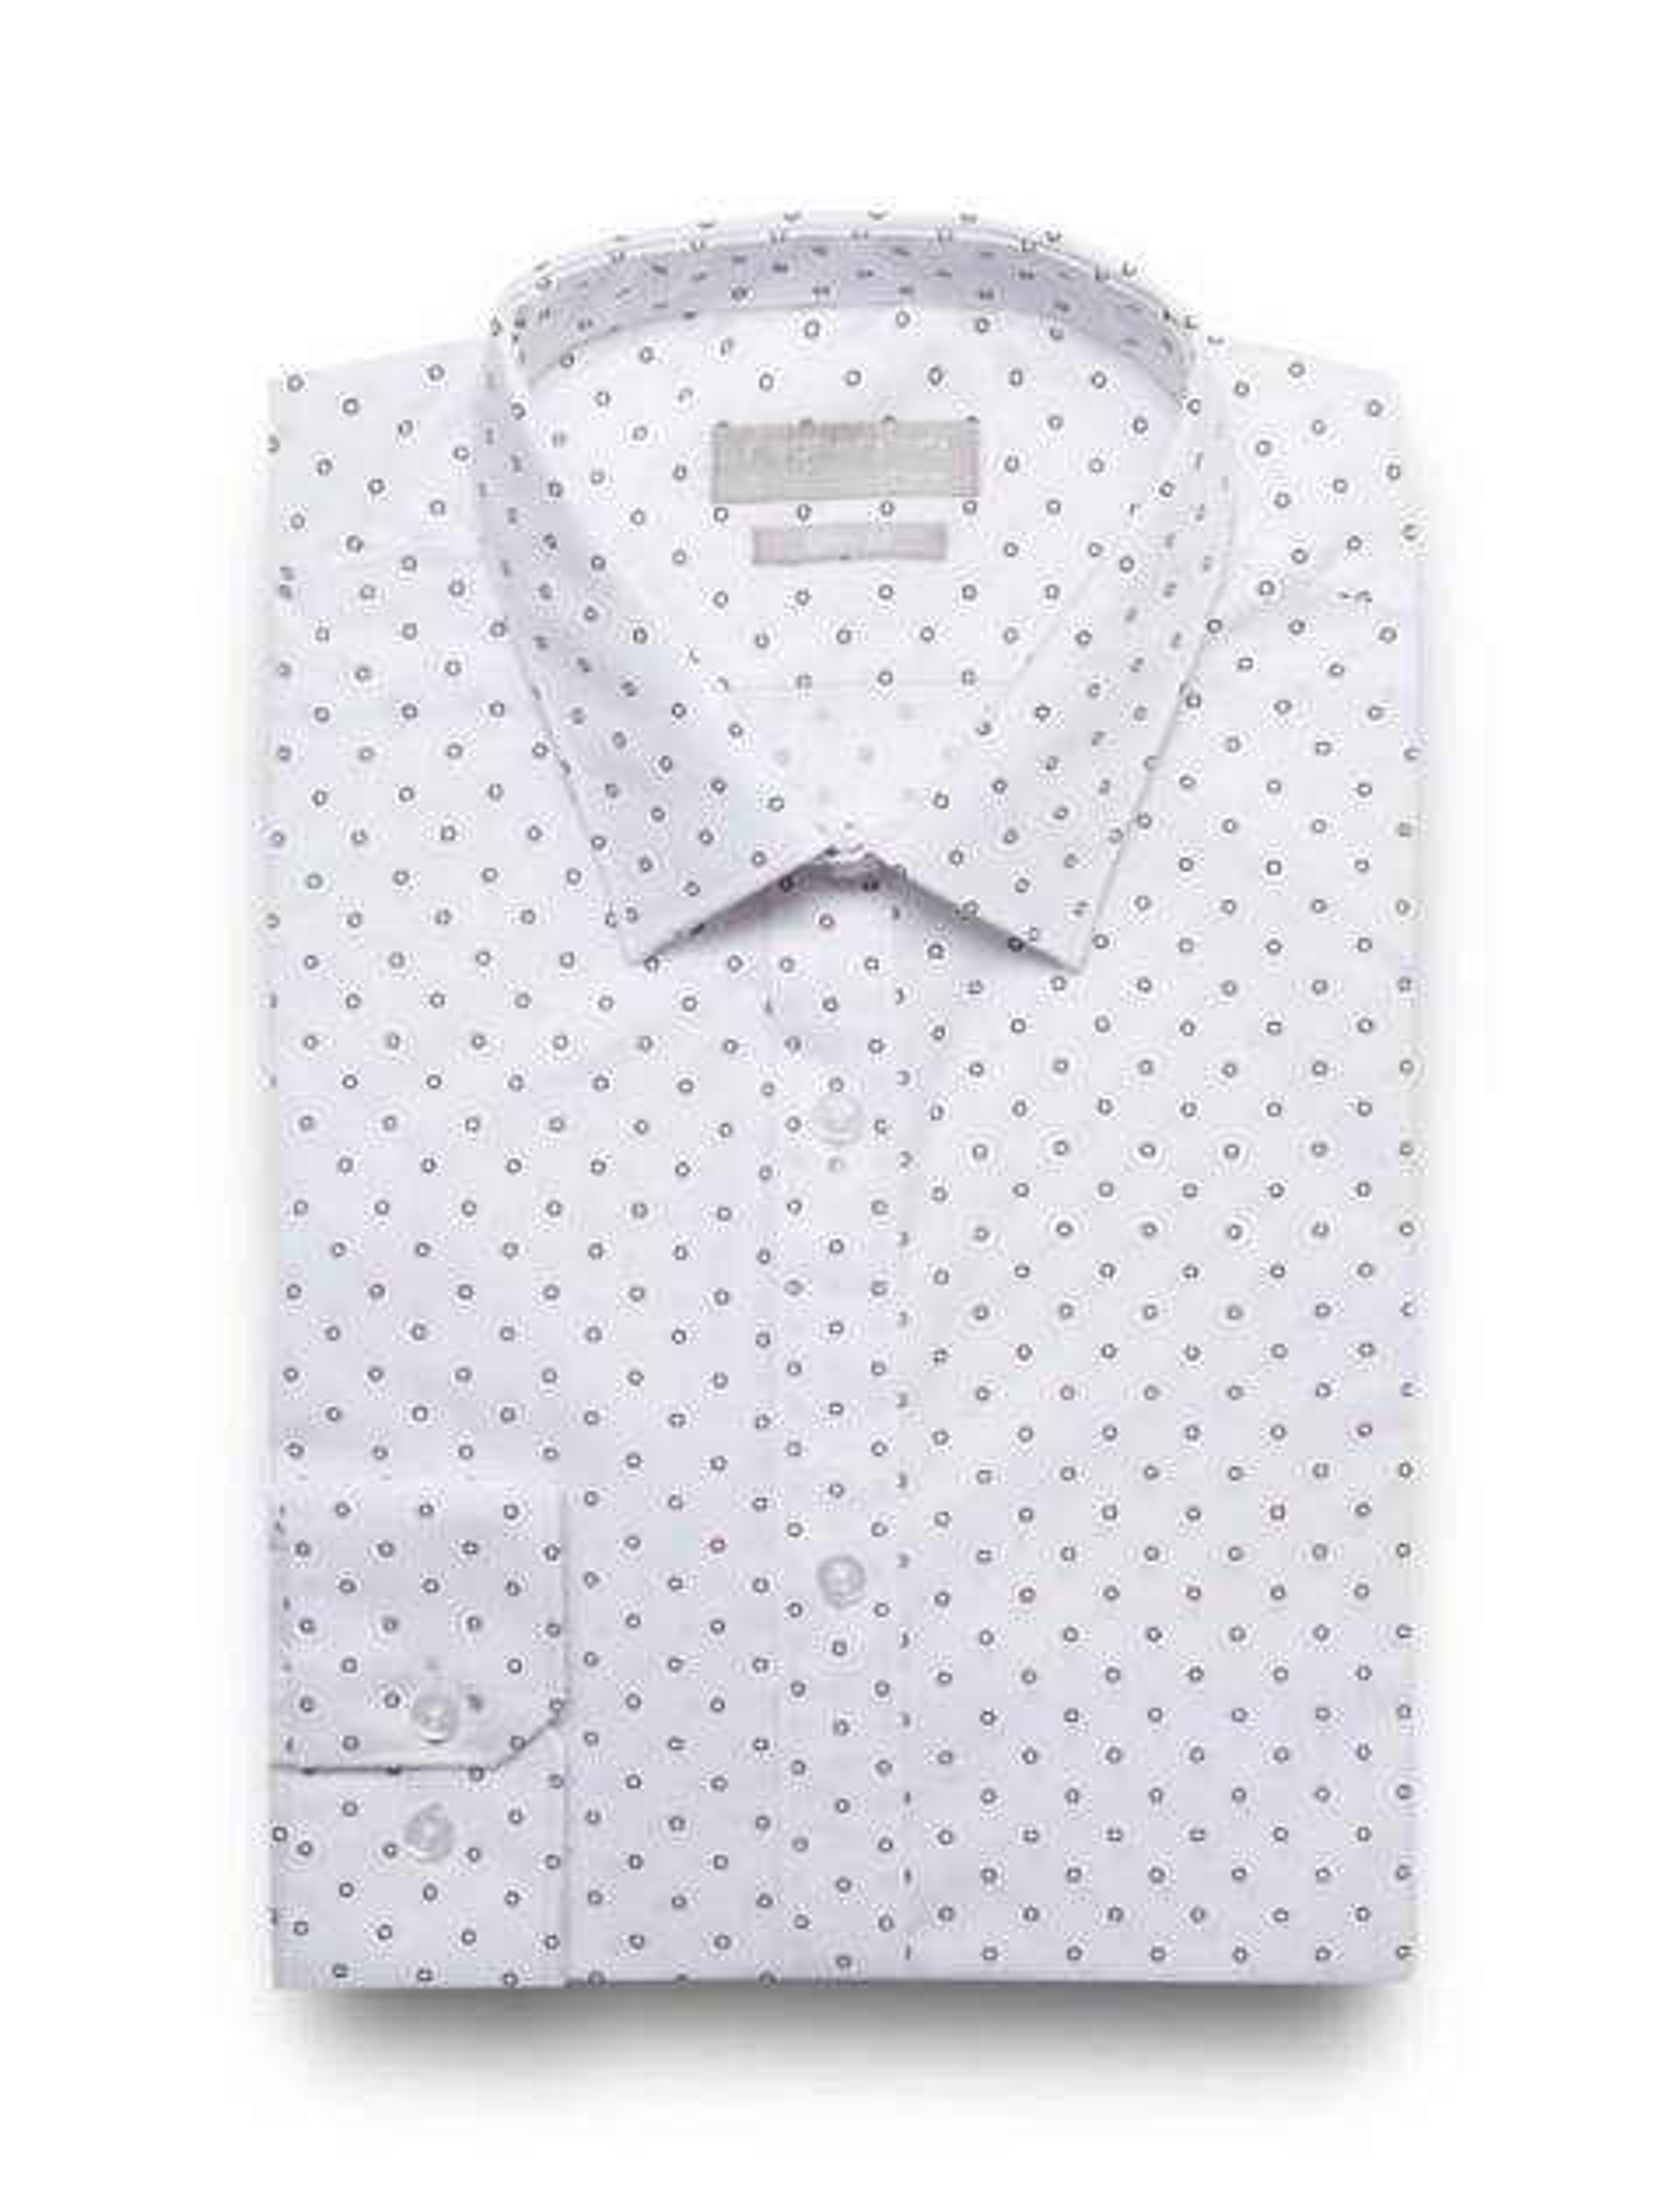 پیراهن آستین بلند مردانه - رد هرینگ - سفيد - 5